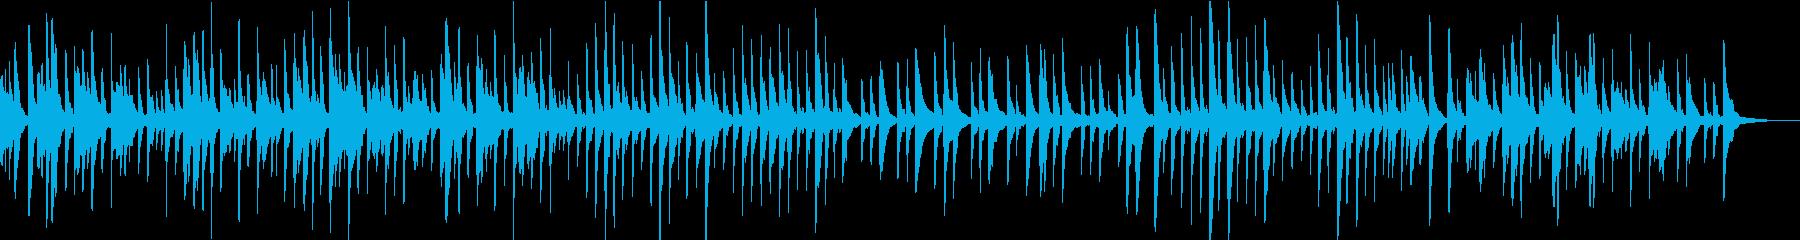 洋楽ピアノ 感動 切ない映像 チルアウトの再生済みの波形